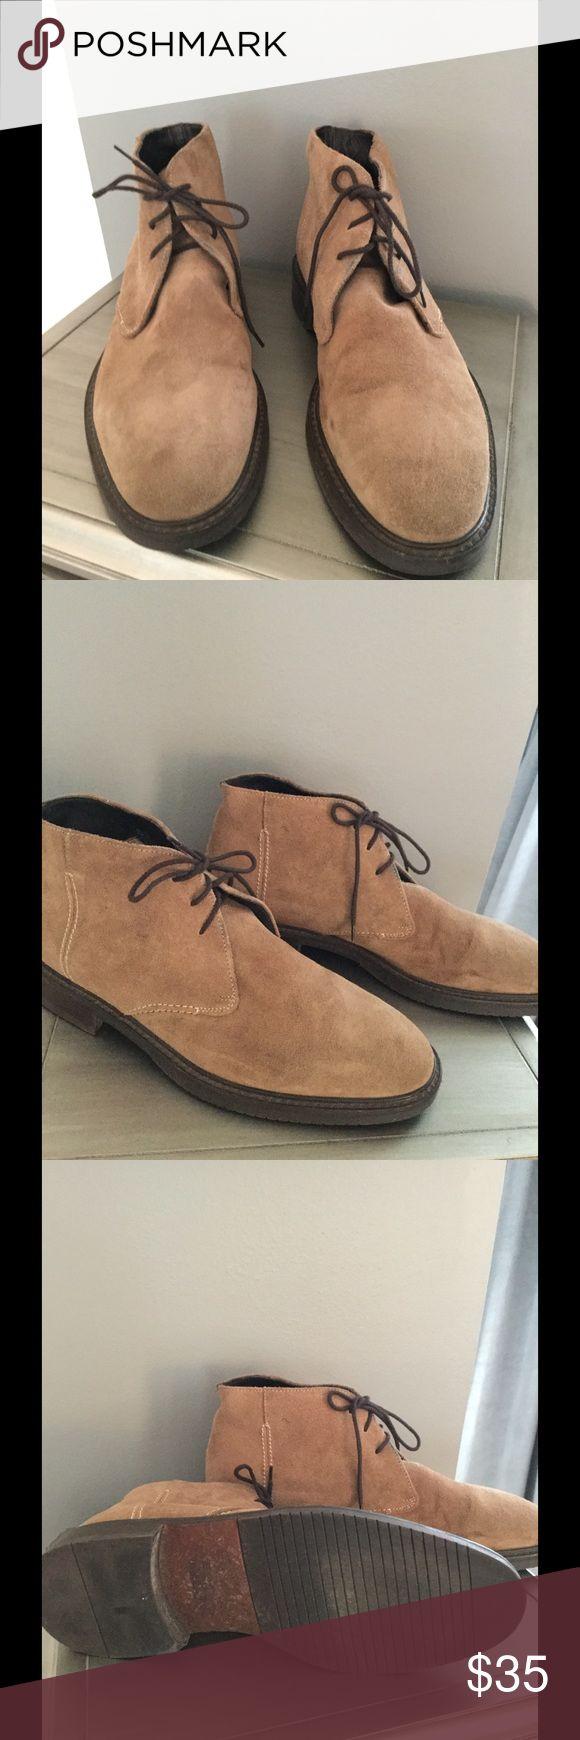 🎉HOST PICK🎉 Men's Banana Republic Chukka Boot Tan brushed suede Chukka Boot Banana Republic Shoes Chukka Boots